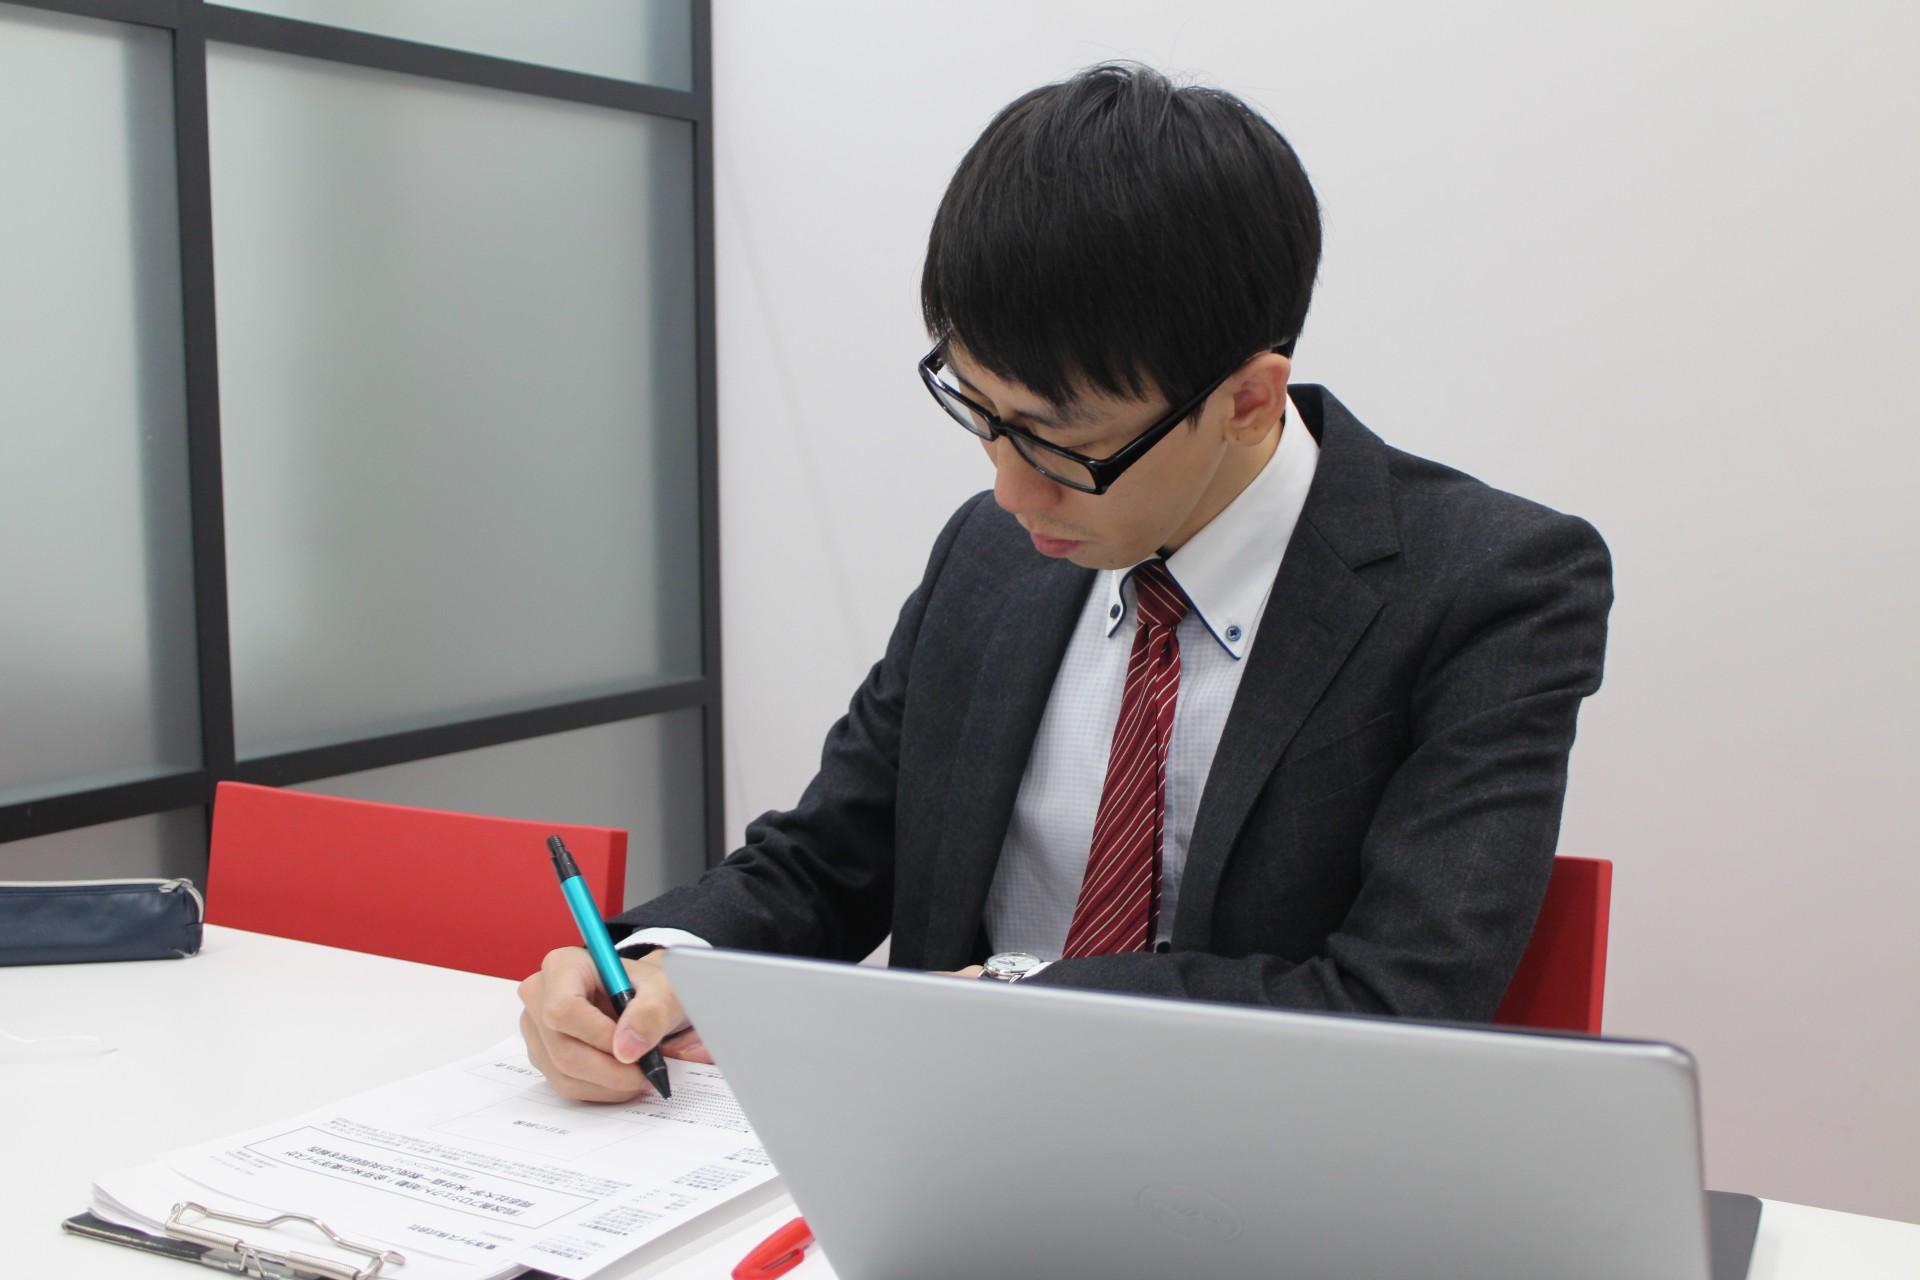 株式会社コミュニケーションデザイン、尹さん